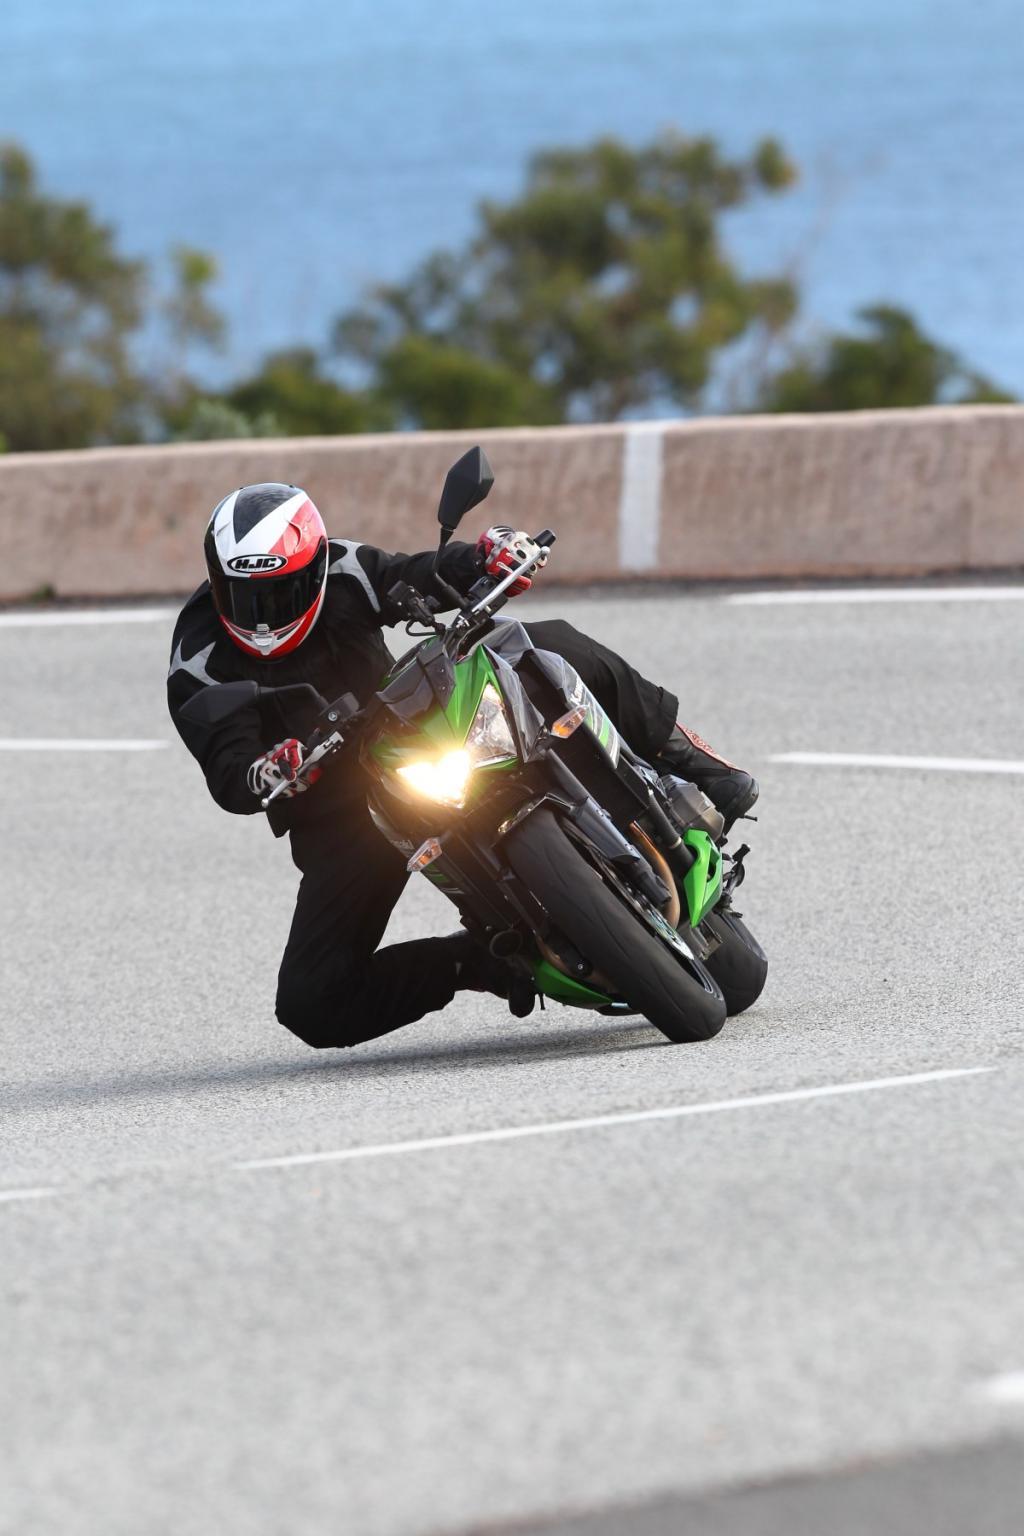 http://www.motorrad-bilder.at/slideshows/291/008853/65.jpg